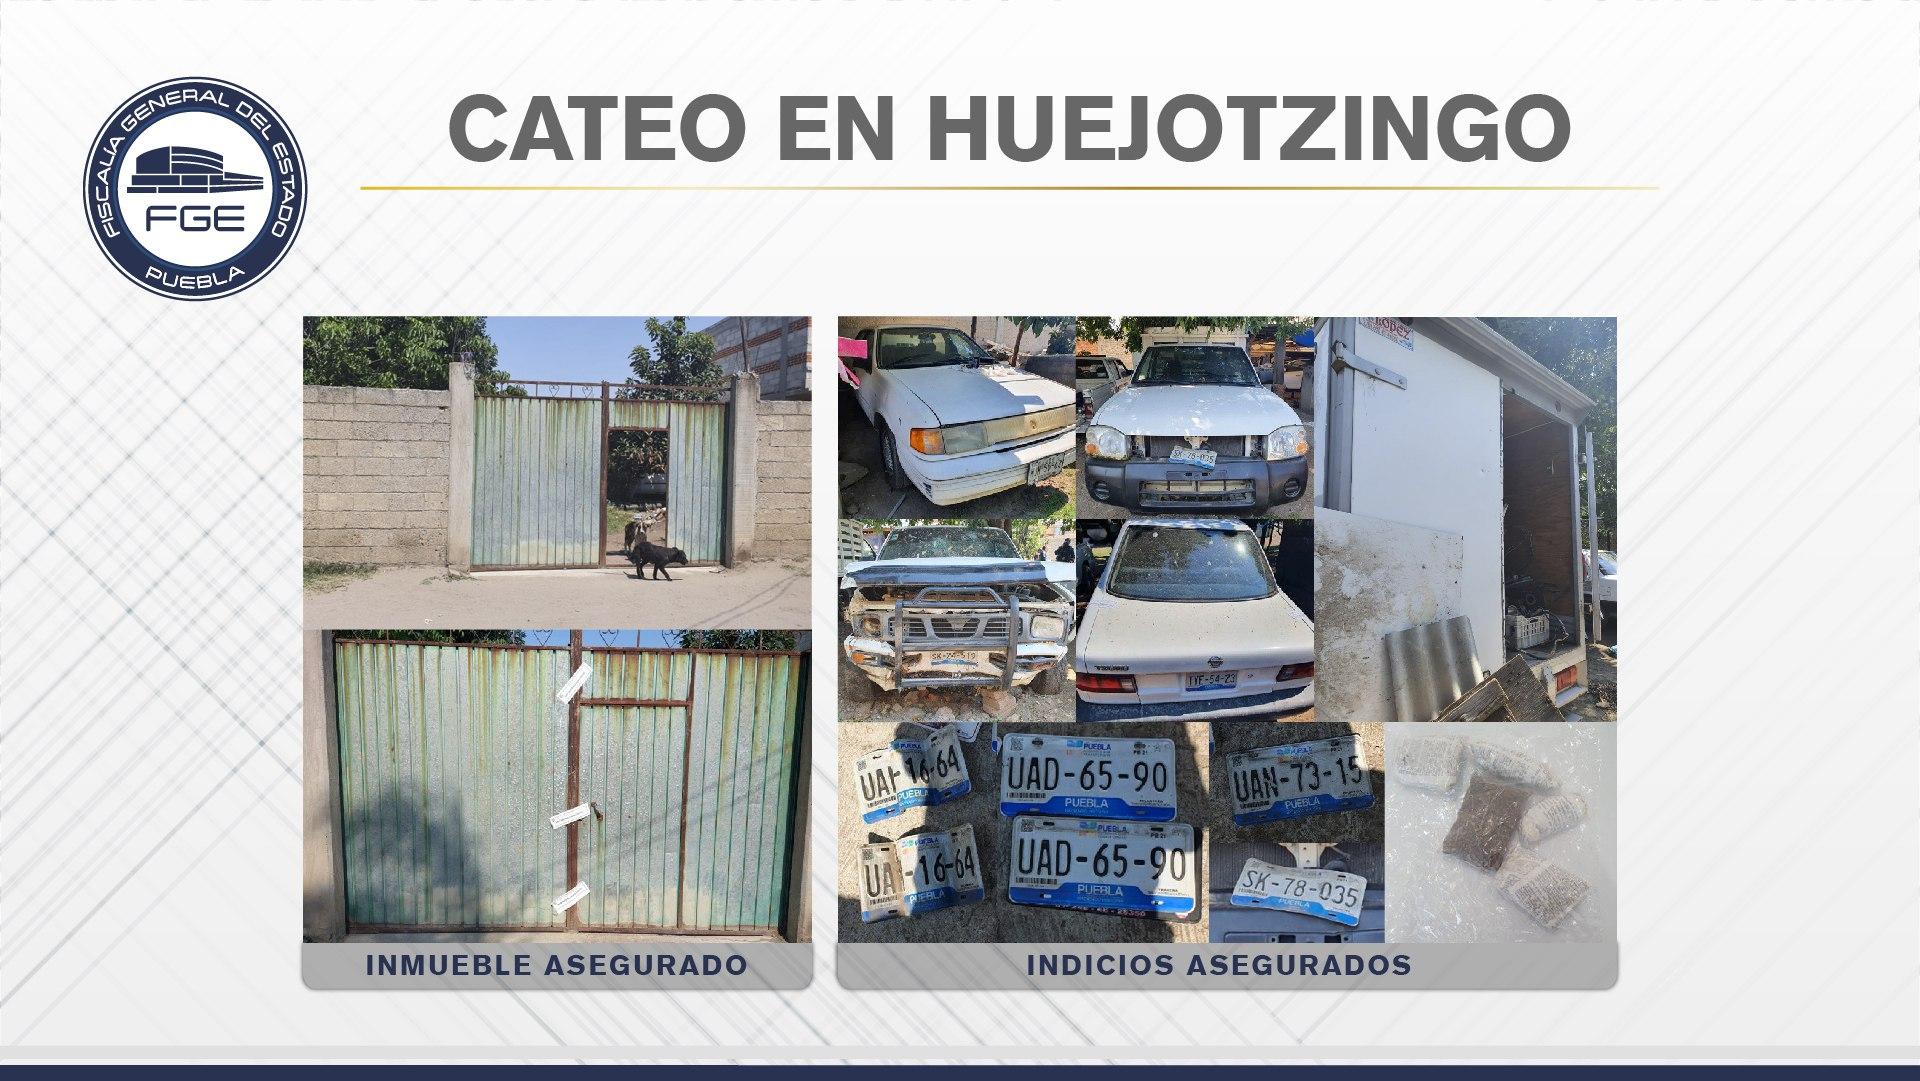 Durante cateo hallan unidades y placas robadas en Xalmimilulco